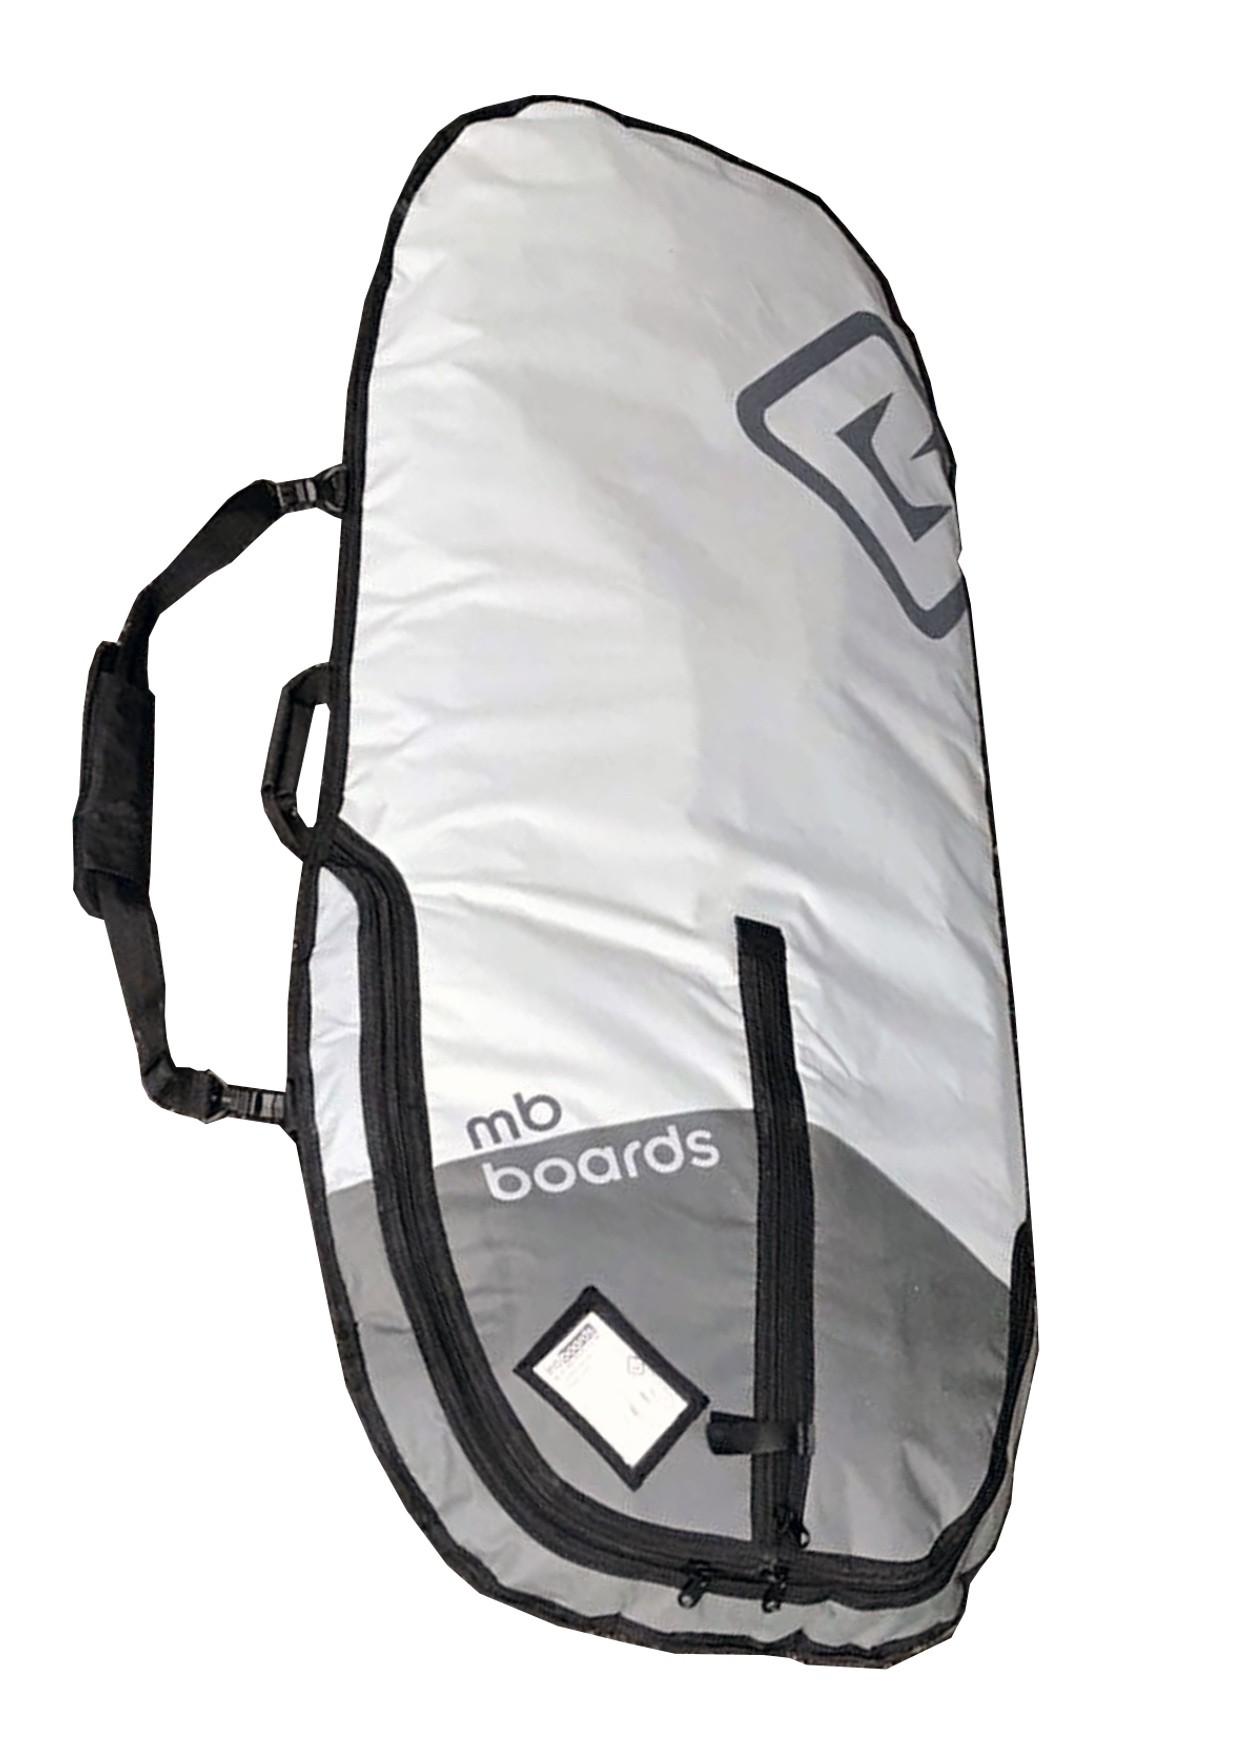 wingsurf board bag